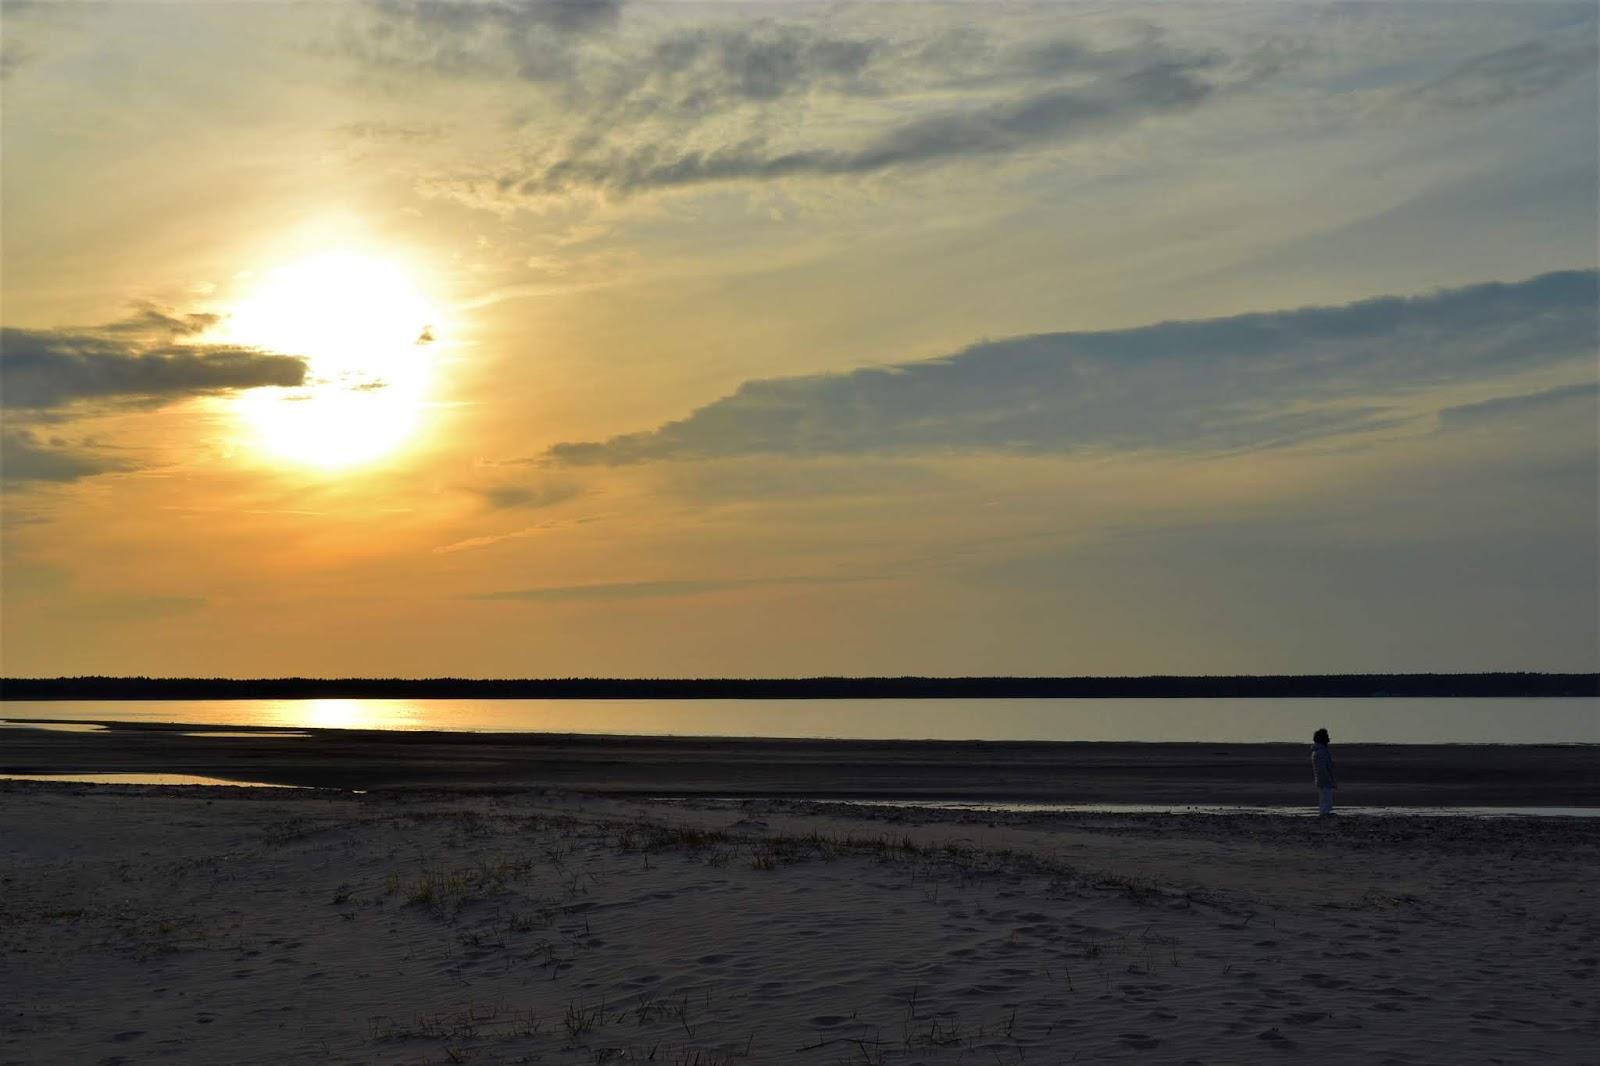 Spiaggia del Baltico